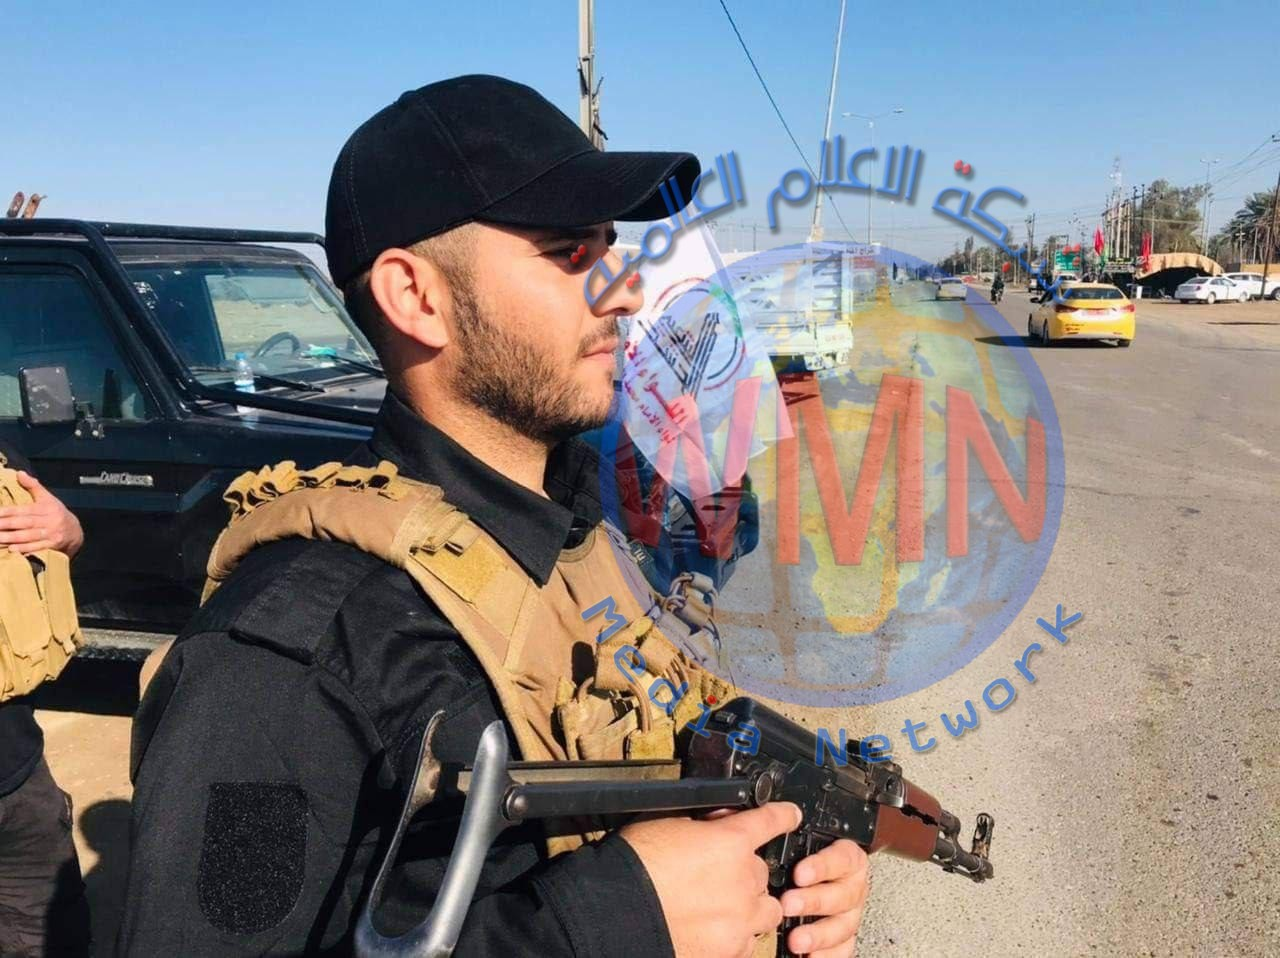 اللواء الأول للحشد يكثف انتشار قطعاته لتأمين الزائرين بذكرى استشهاد الإمام علي الهادي( ع) في سامراء